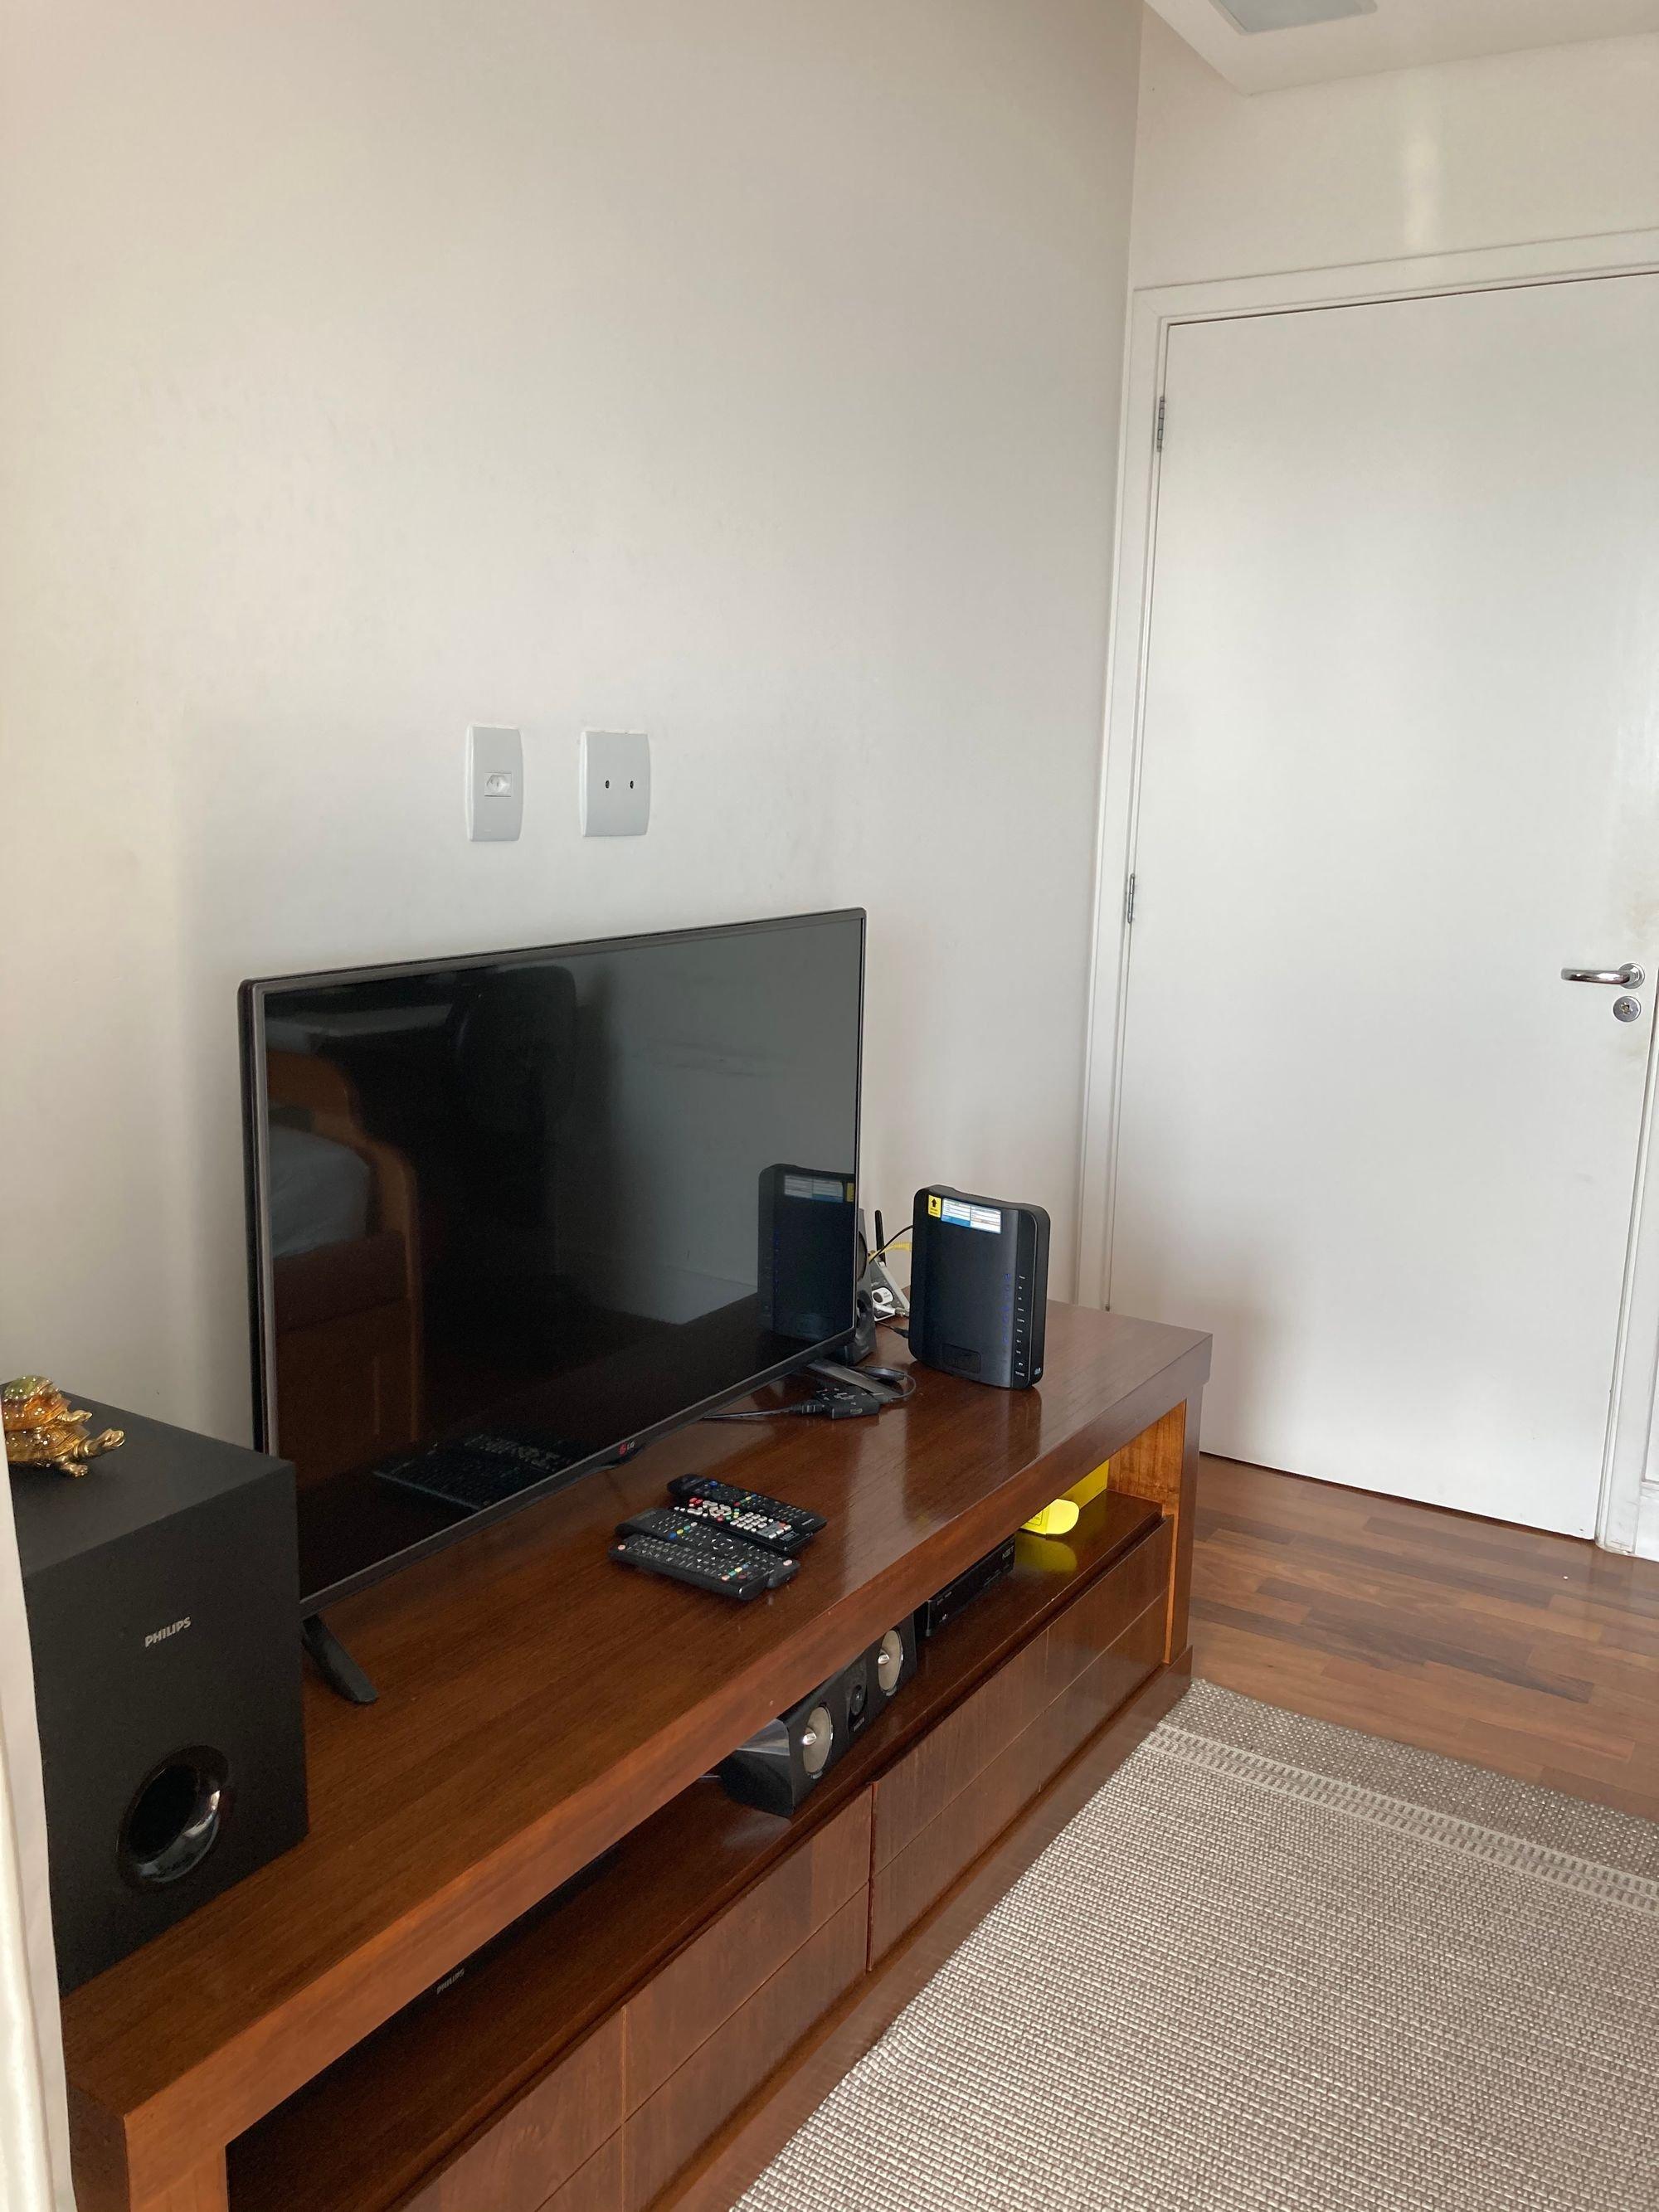 Foto de Sala com controle remoto, televisão, relógio